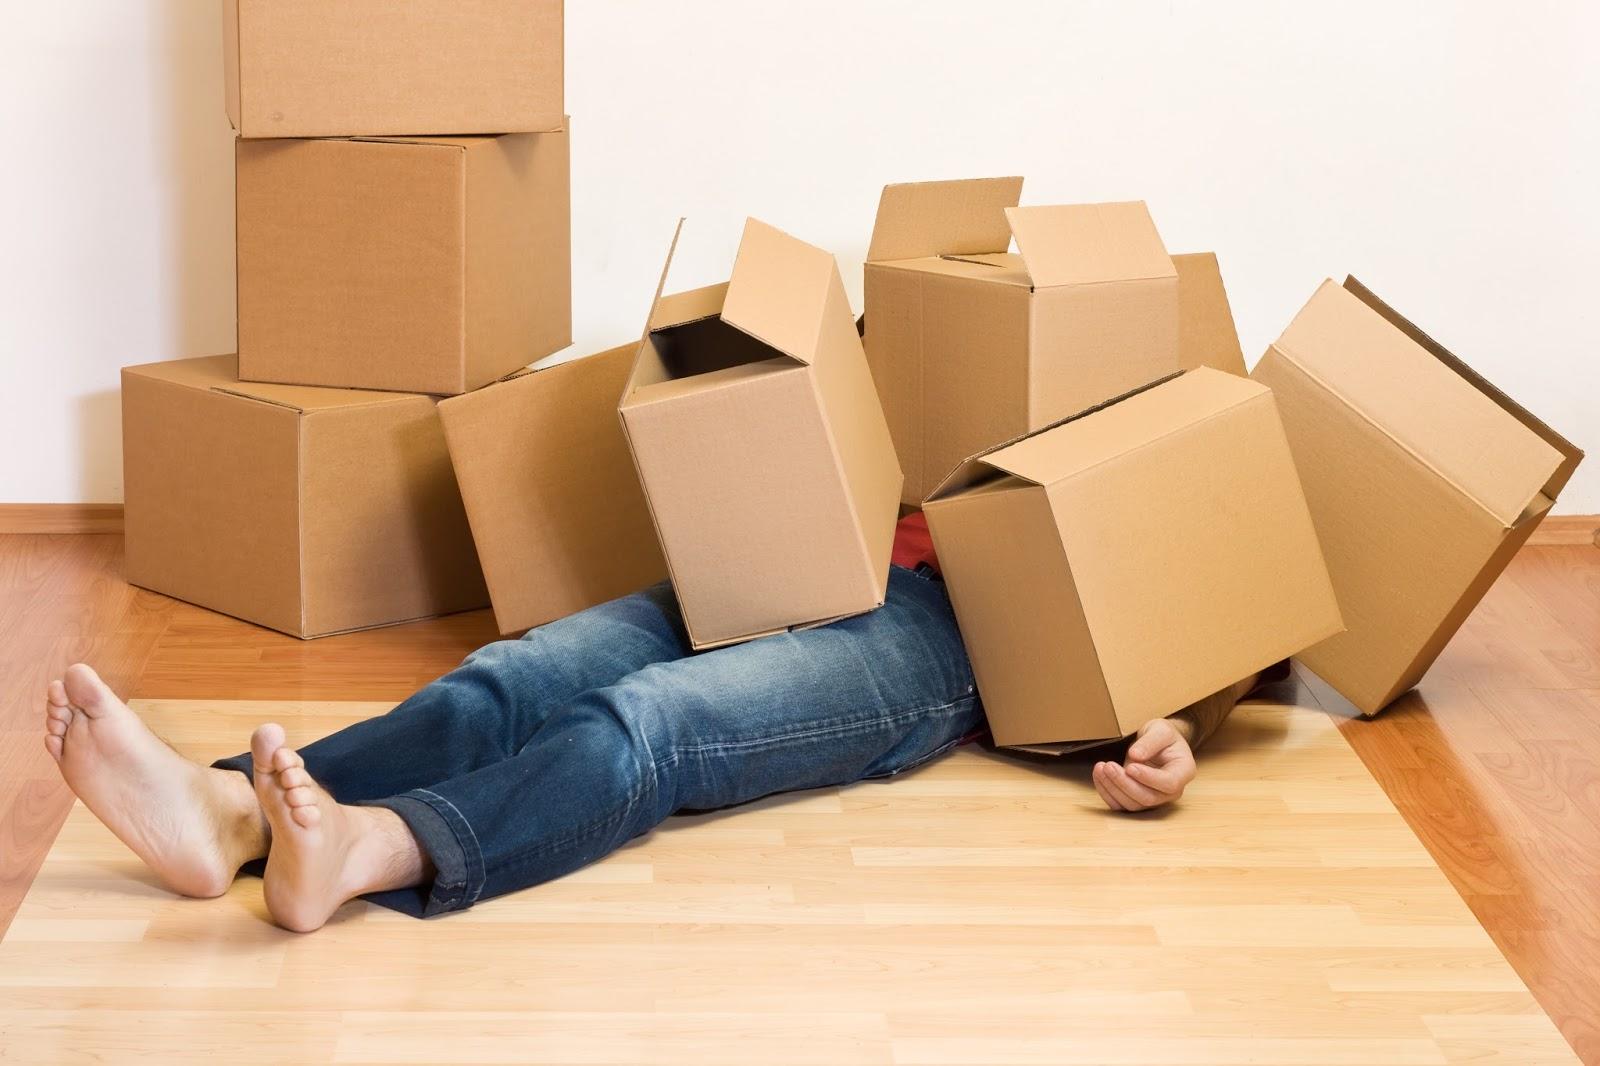 Dọn nhà là một trong những nỗi lo lắng của các gia đình khi xây nhà mới